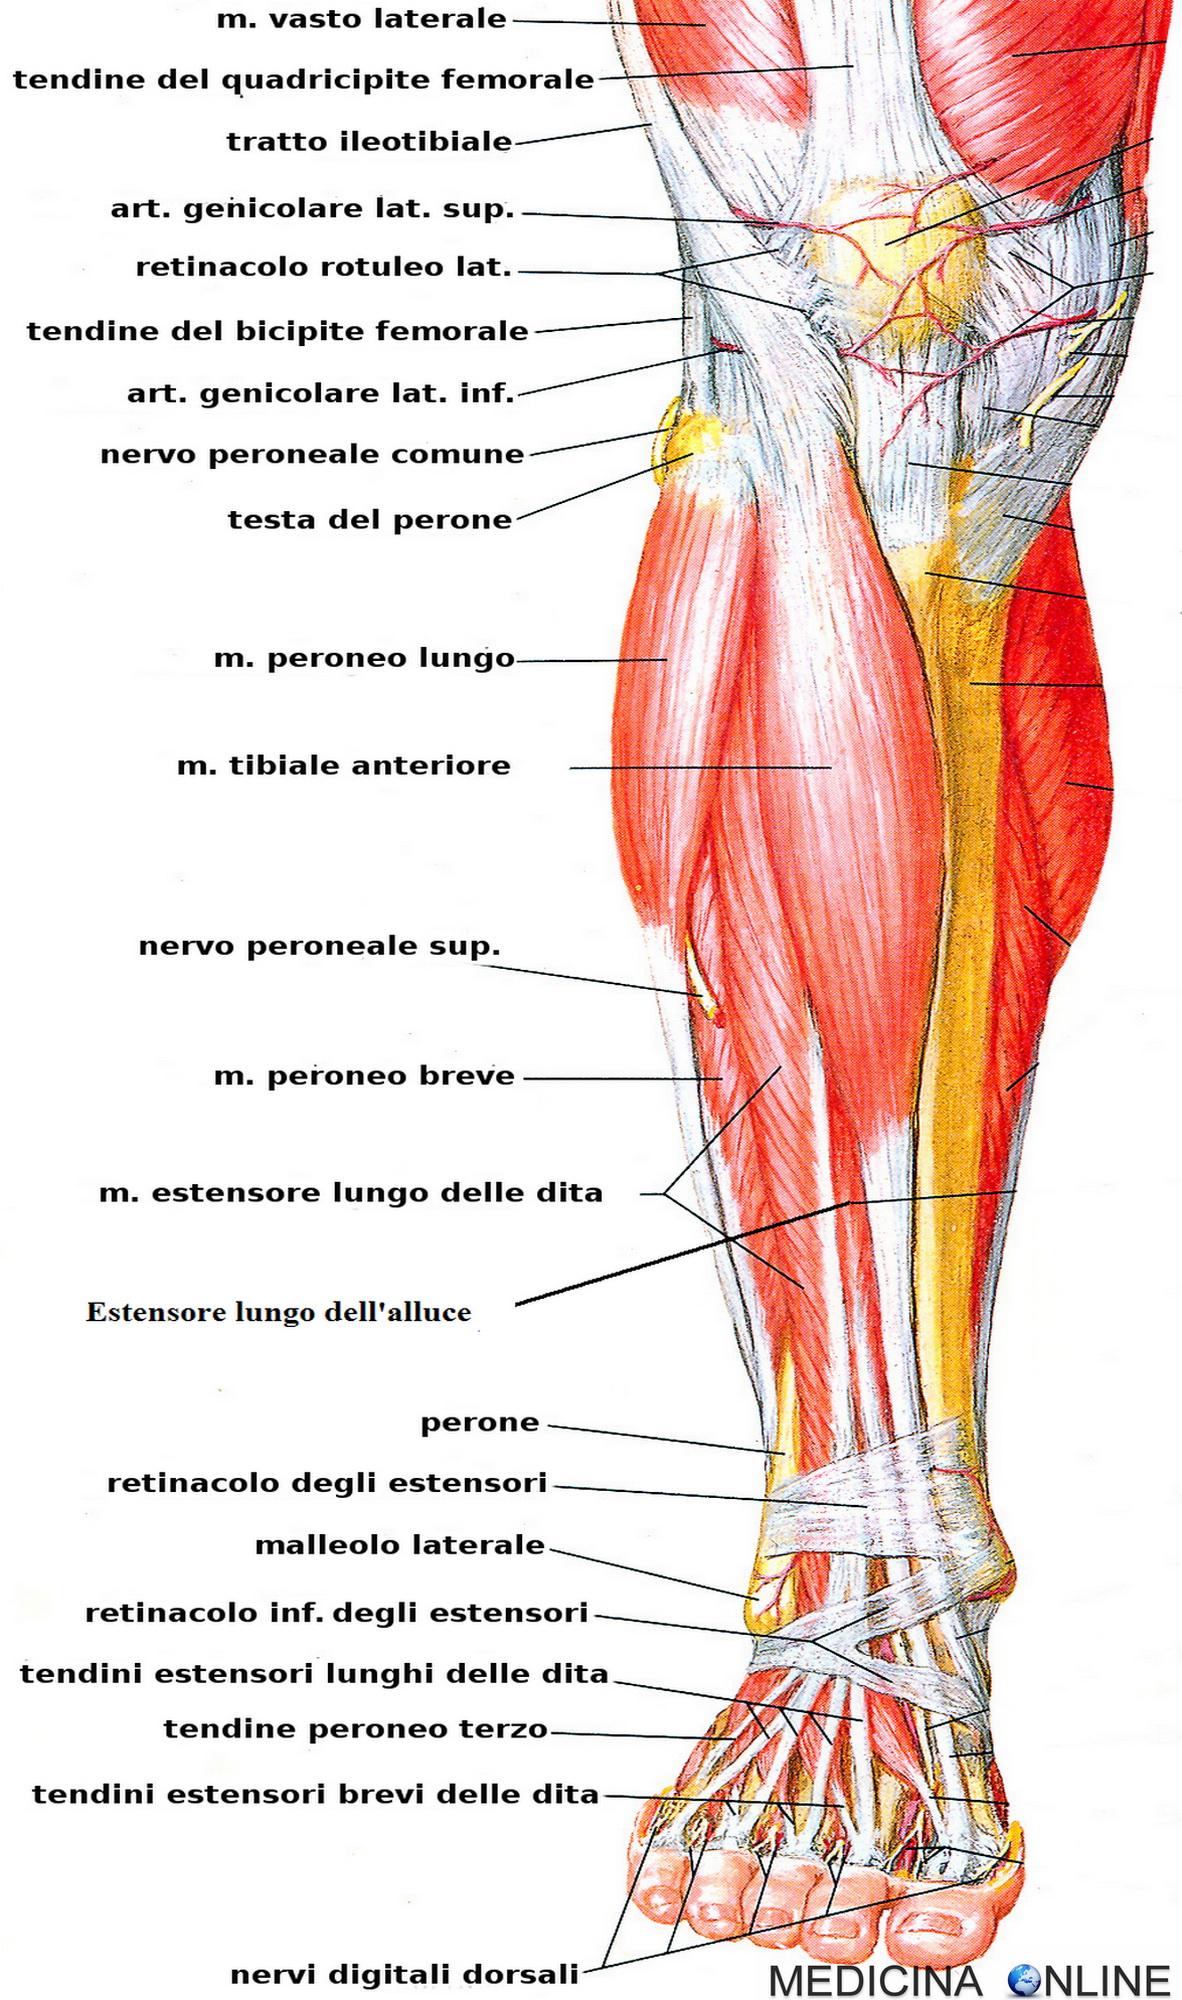 muscoli della coscia interna femminile